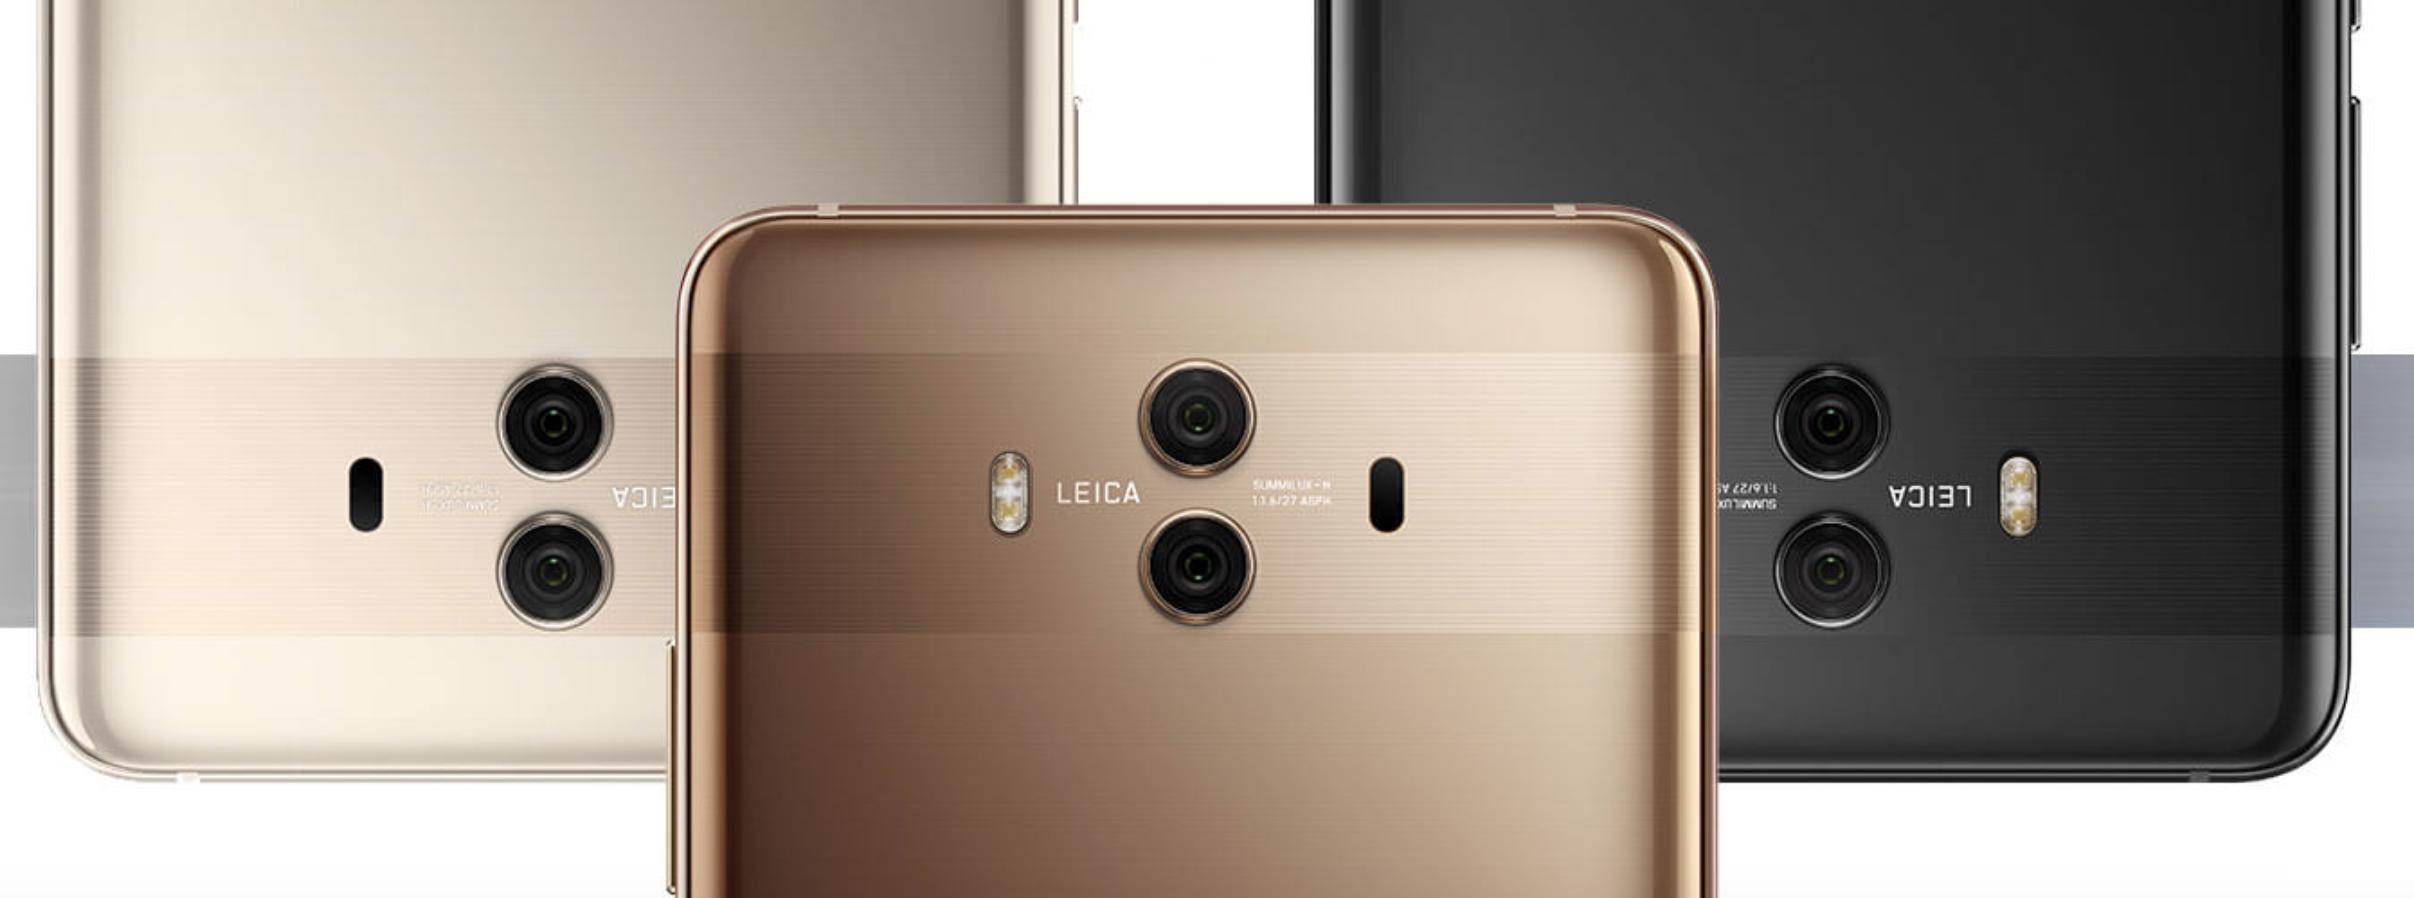 Revisión Huawei Mate 10